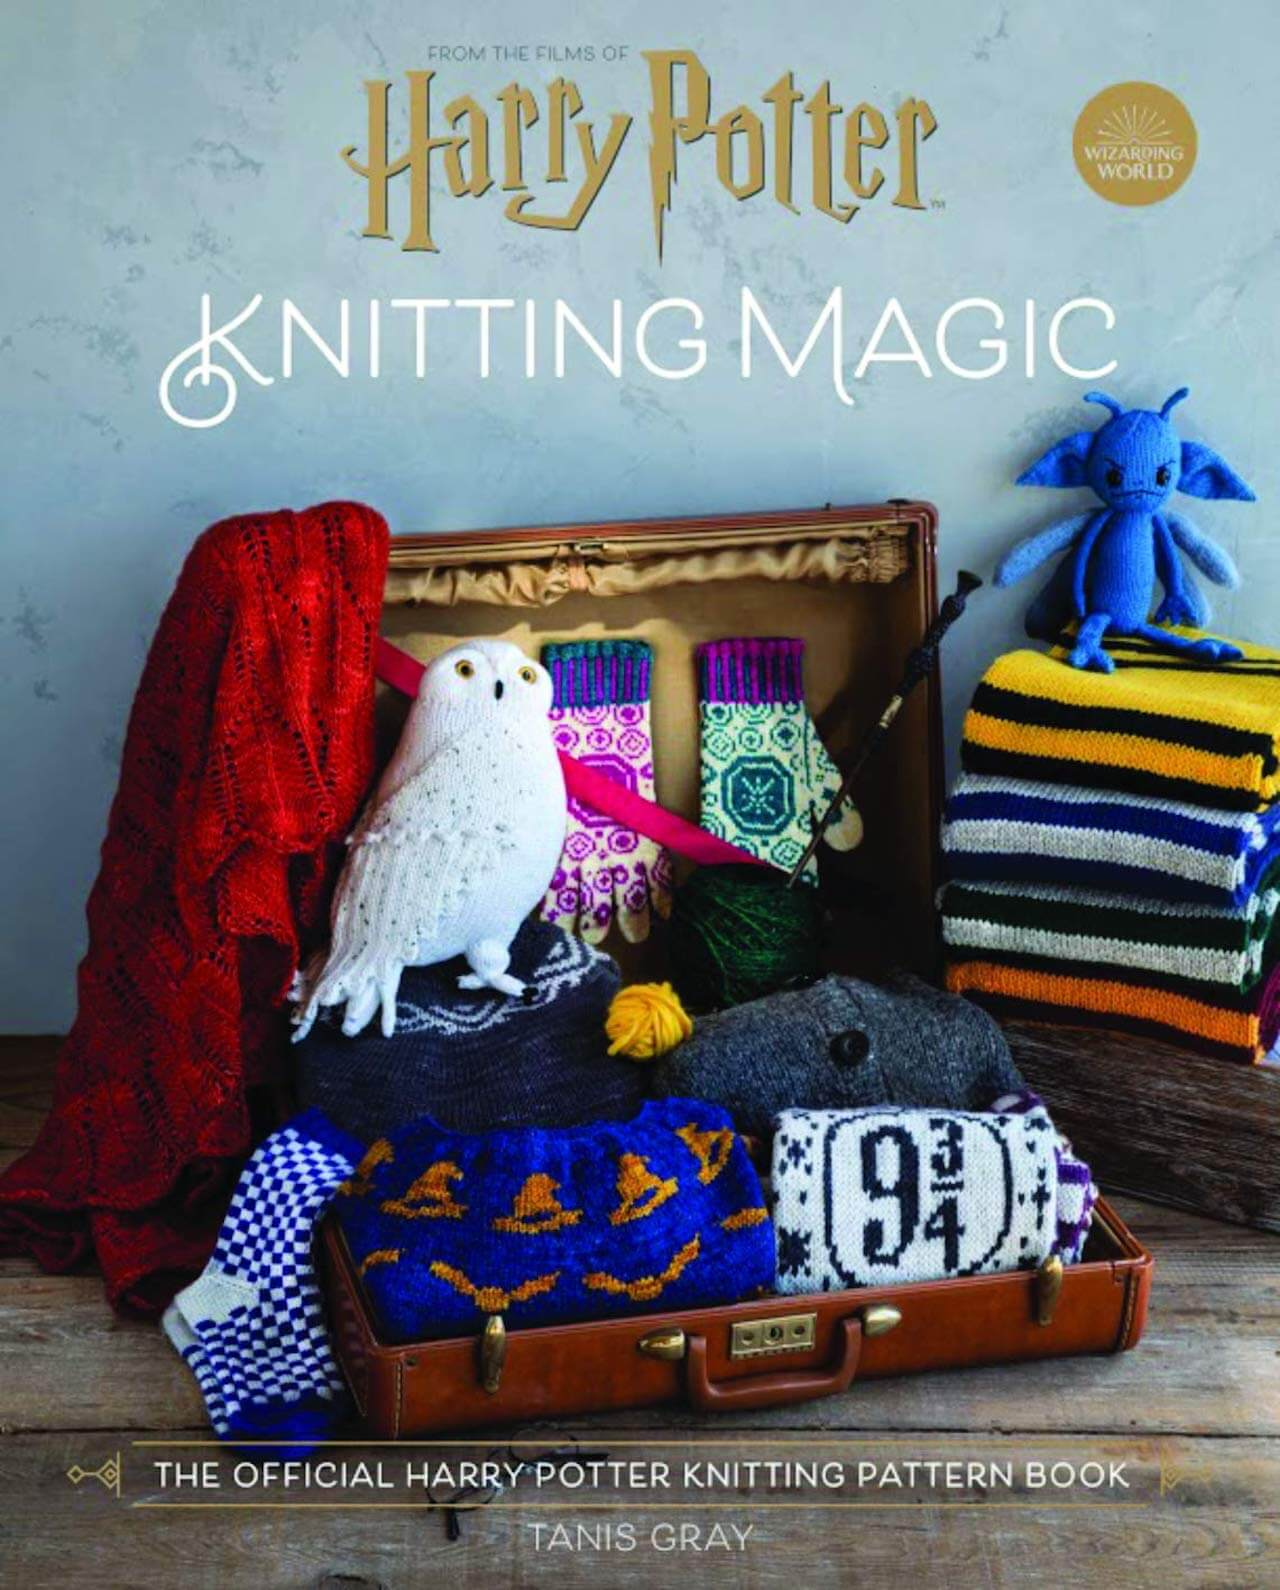 【超可愛い】ハリー・ポッターの公式編み物本が来年1月に発売 life-fashio191030-harry-potter-knitting-magic